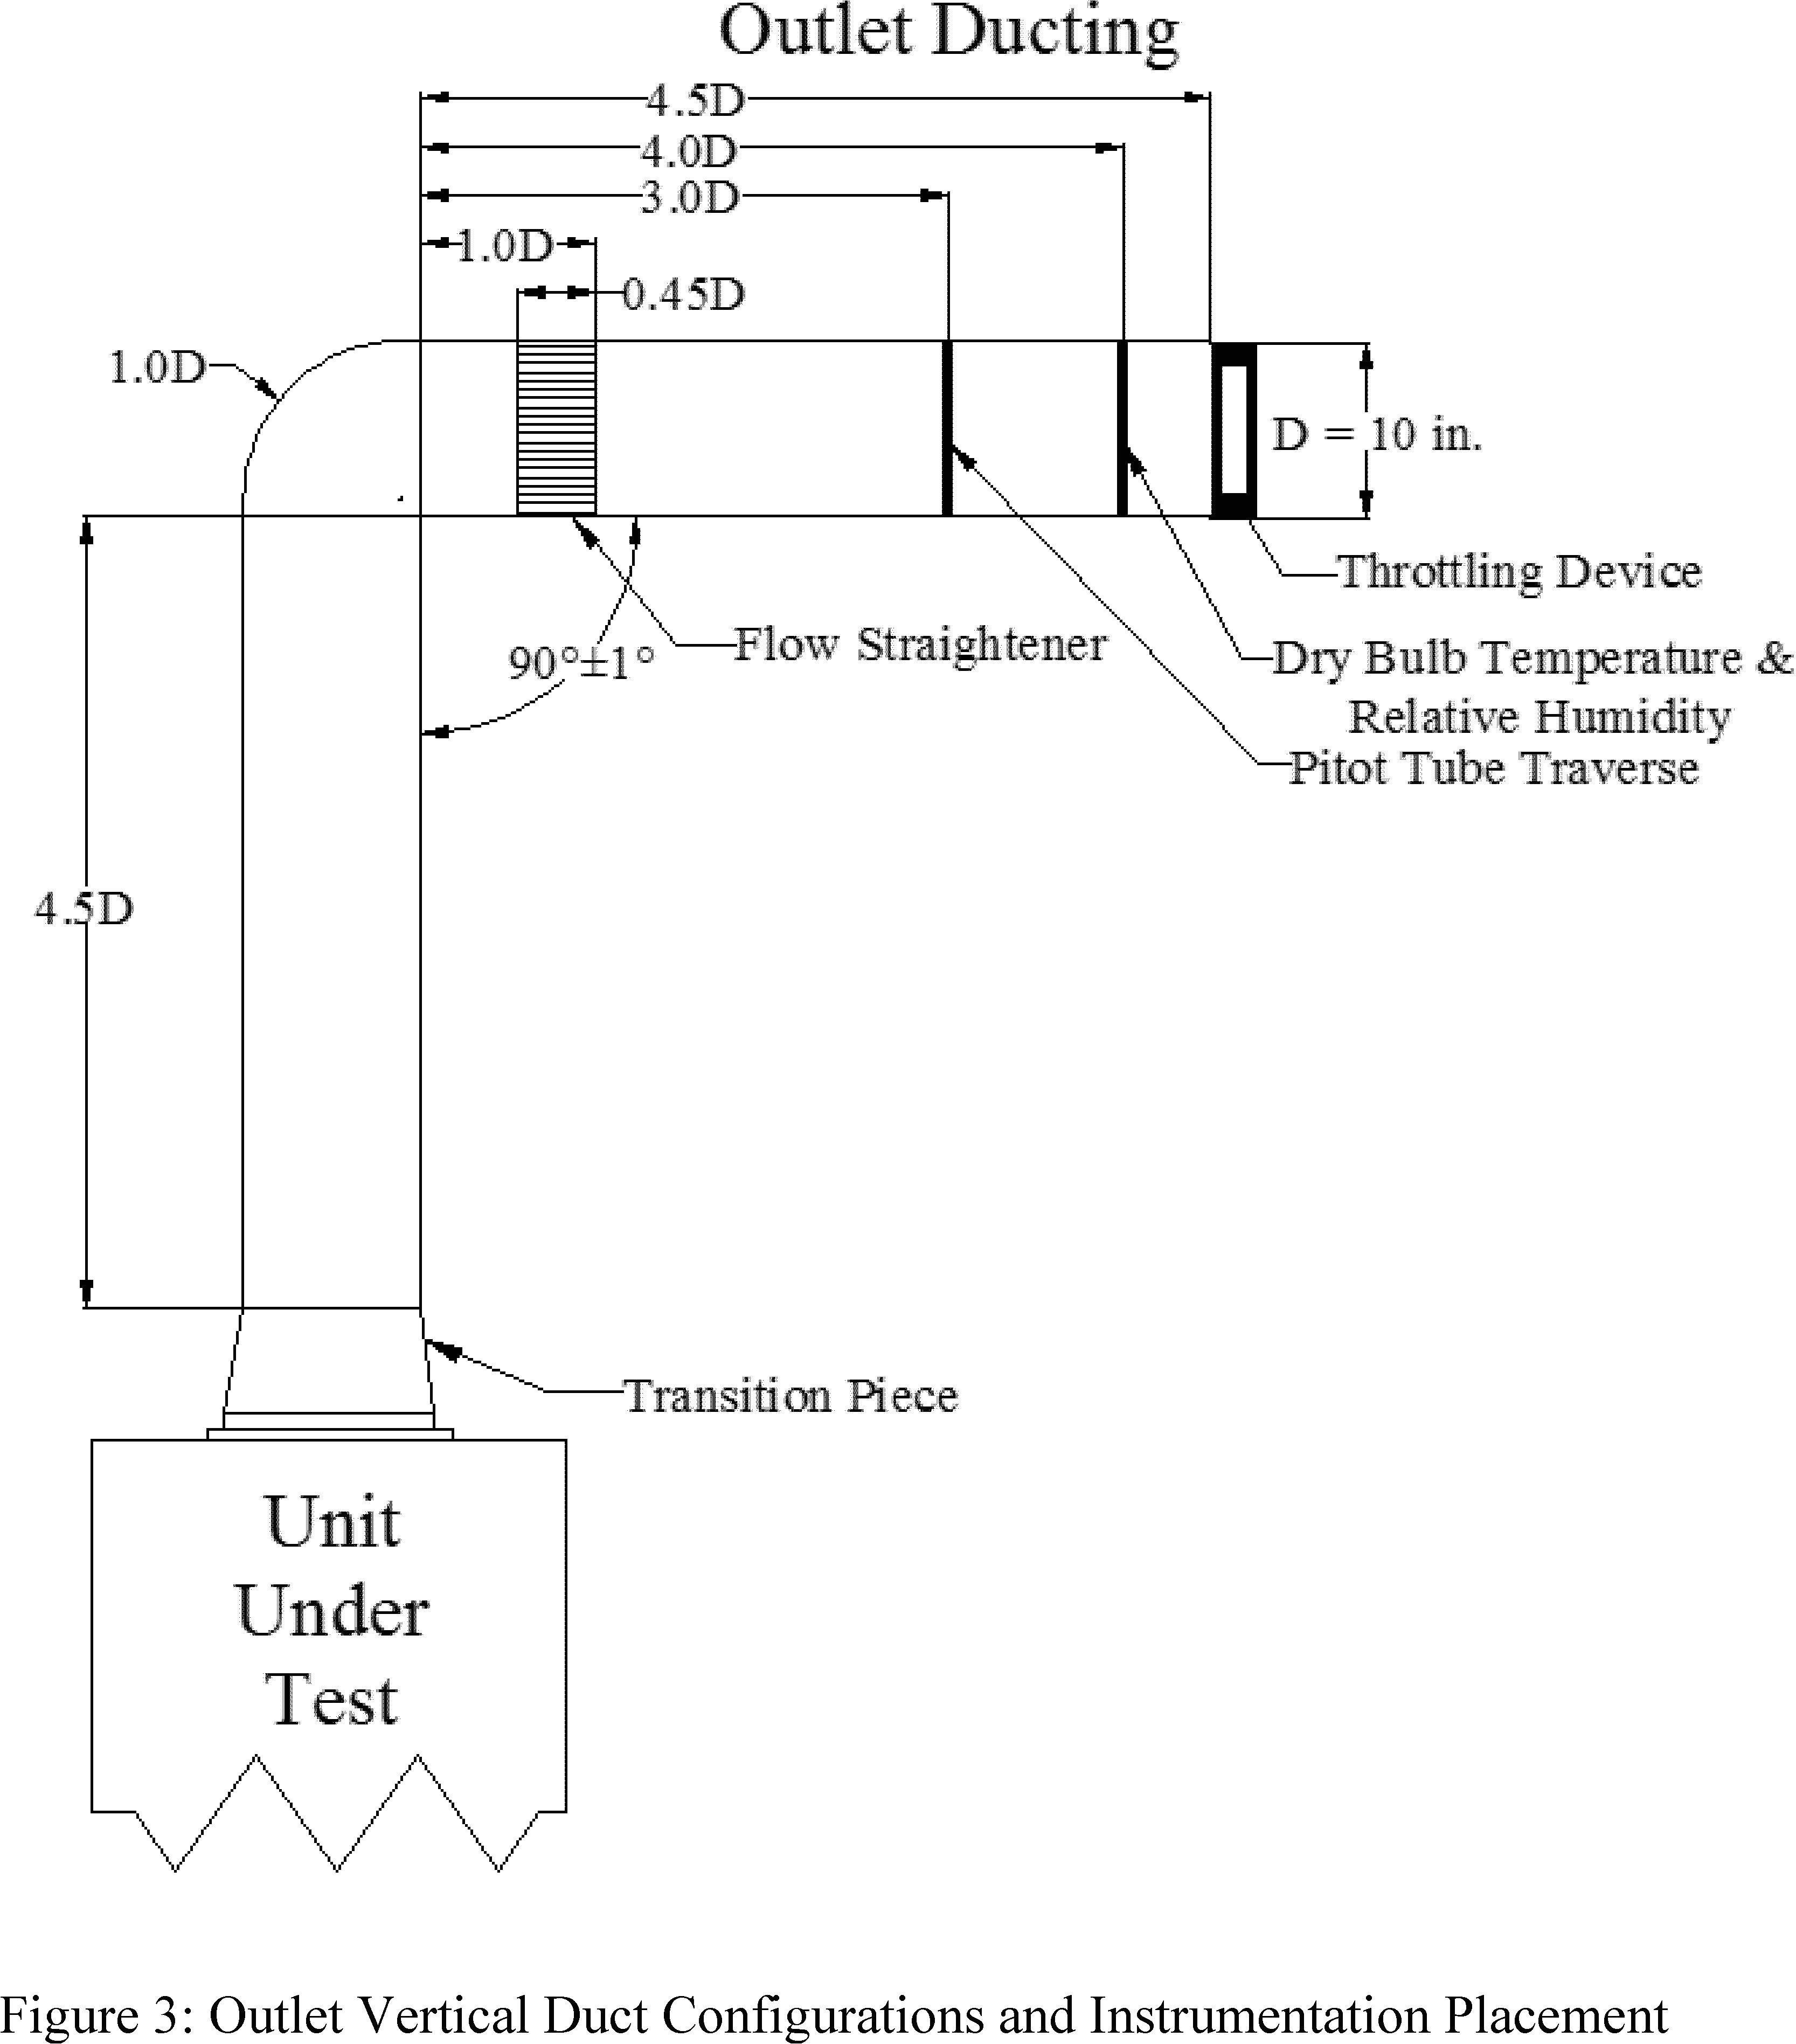 wiring aiwa diagram cdc x176m use wiring diagram wiring aiwa diagram cdc x176m